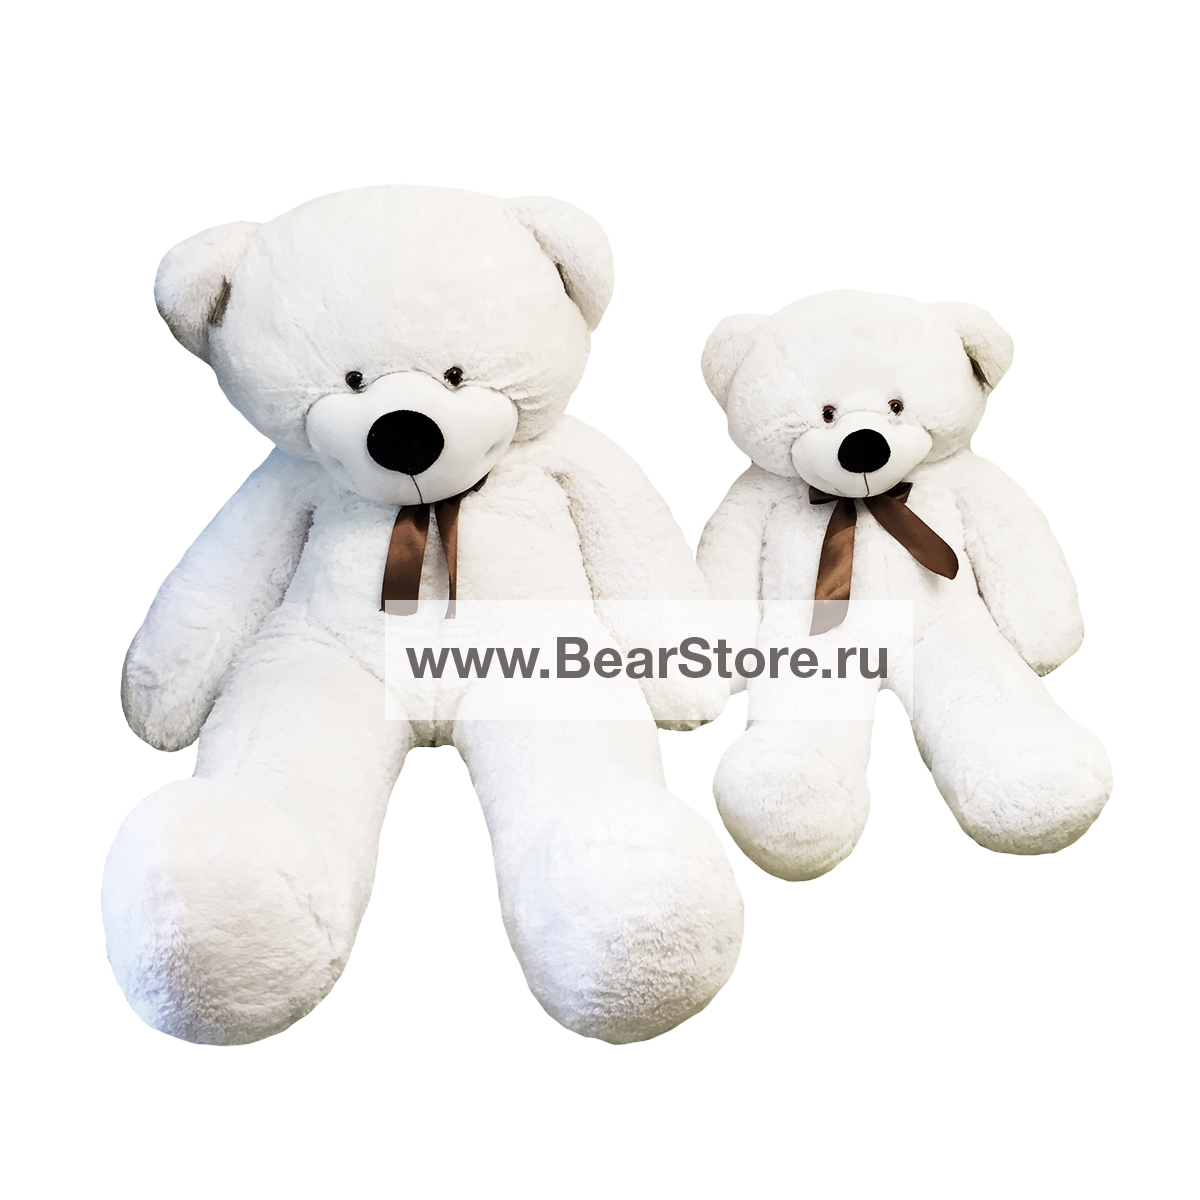 Медведь Нестор 160 см